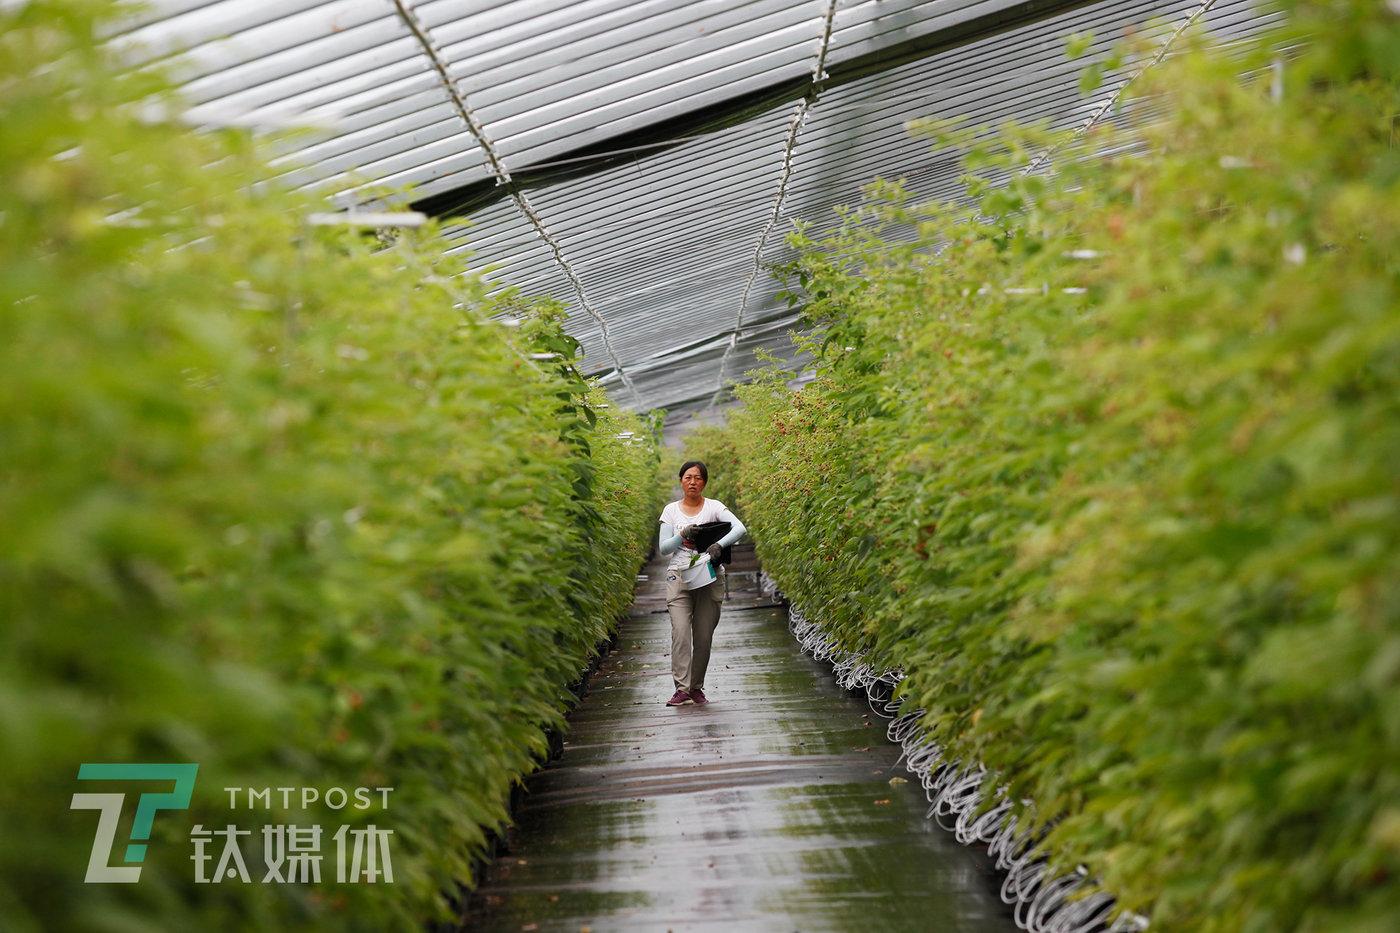 7月31日,基地大棚里,采摘树莓的工人。